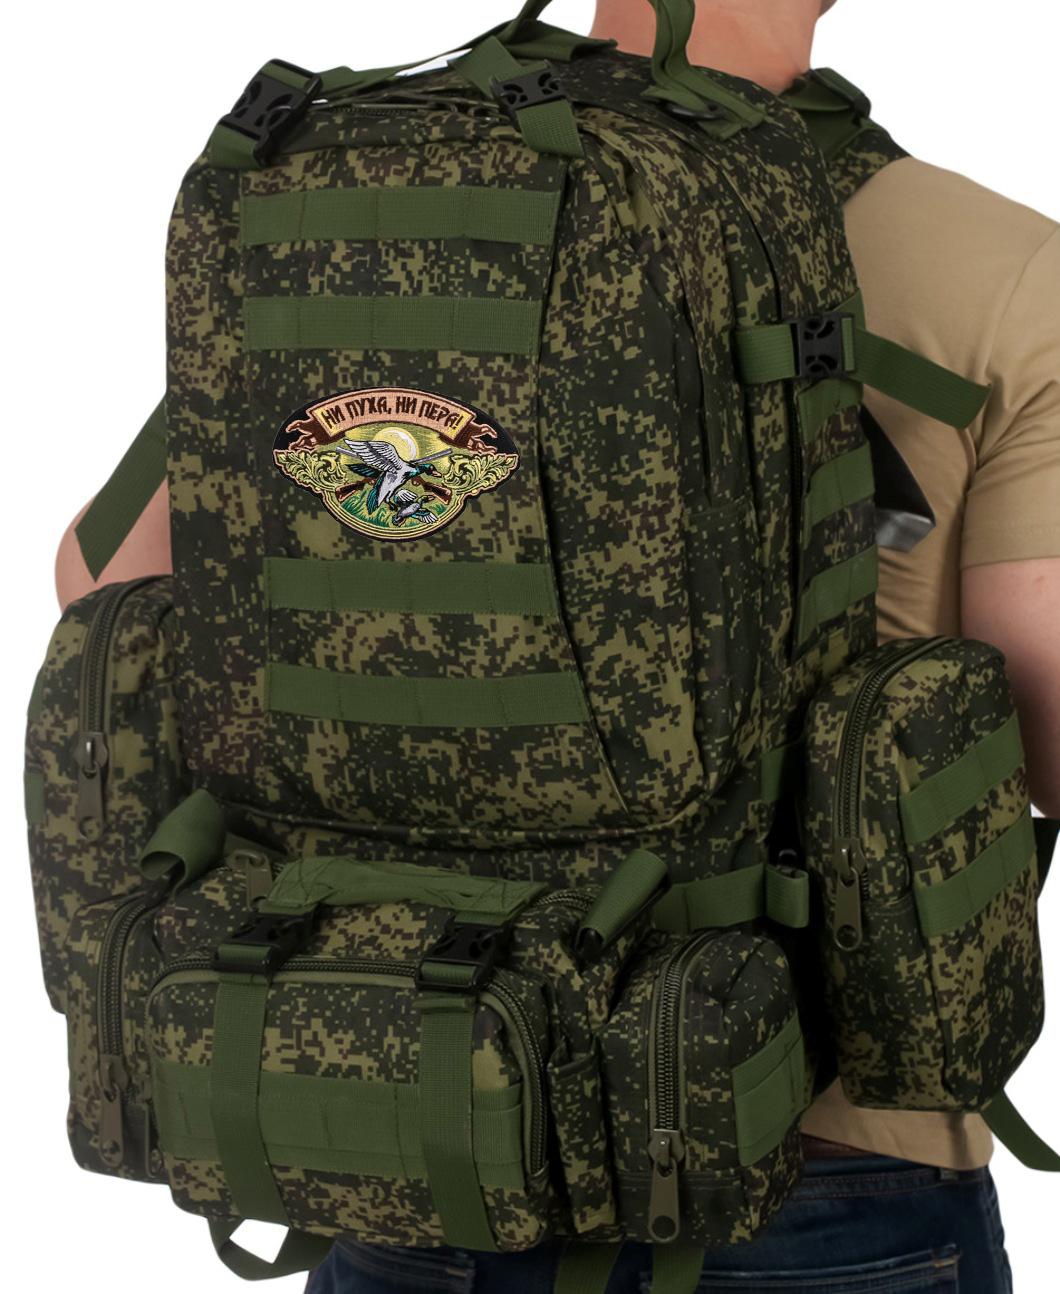 Рейдовый походный рюкзак с нашивкой Ни пуха, Ни пера! - заказать выгодно